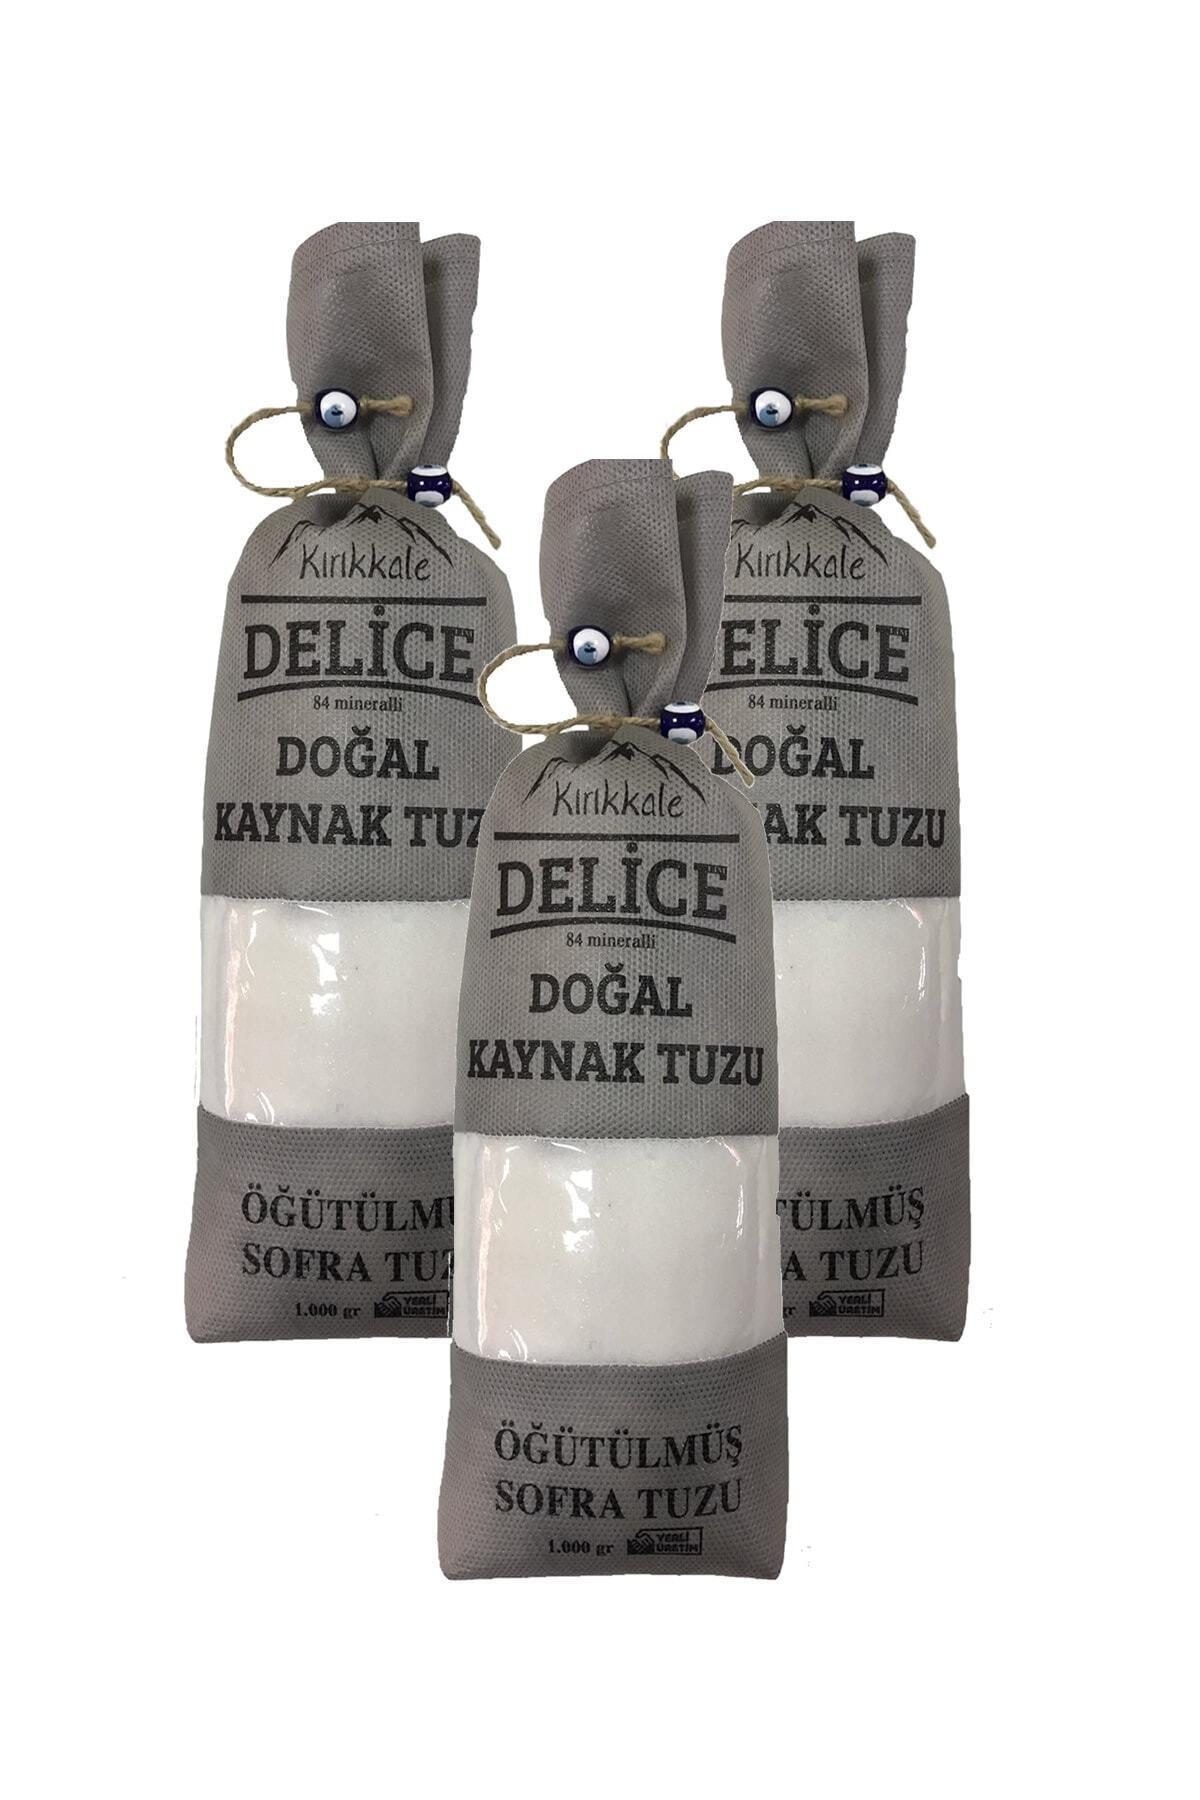 DELİCE Kırıkkale Doğal Kaynak Tuzu Öğütülmüş Sofra Tuzu 1000gr X3 1